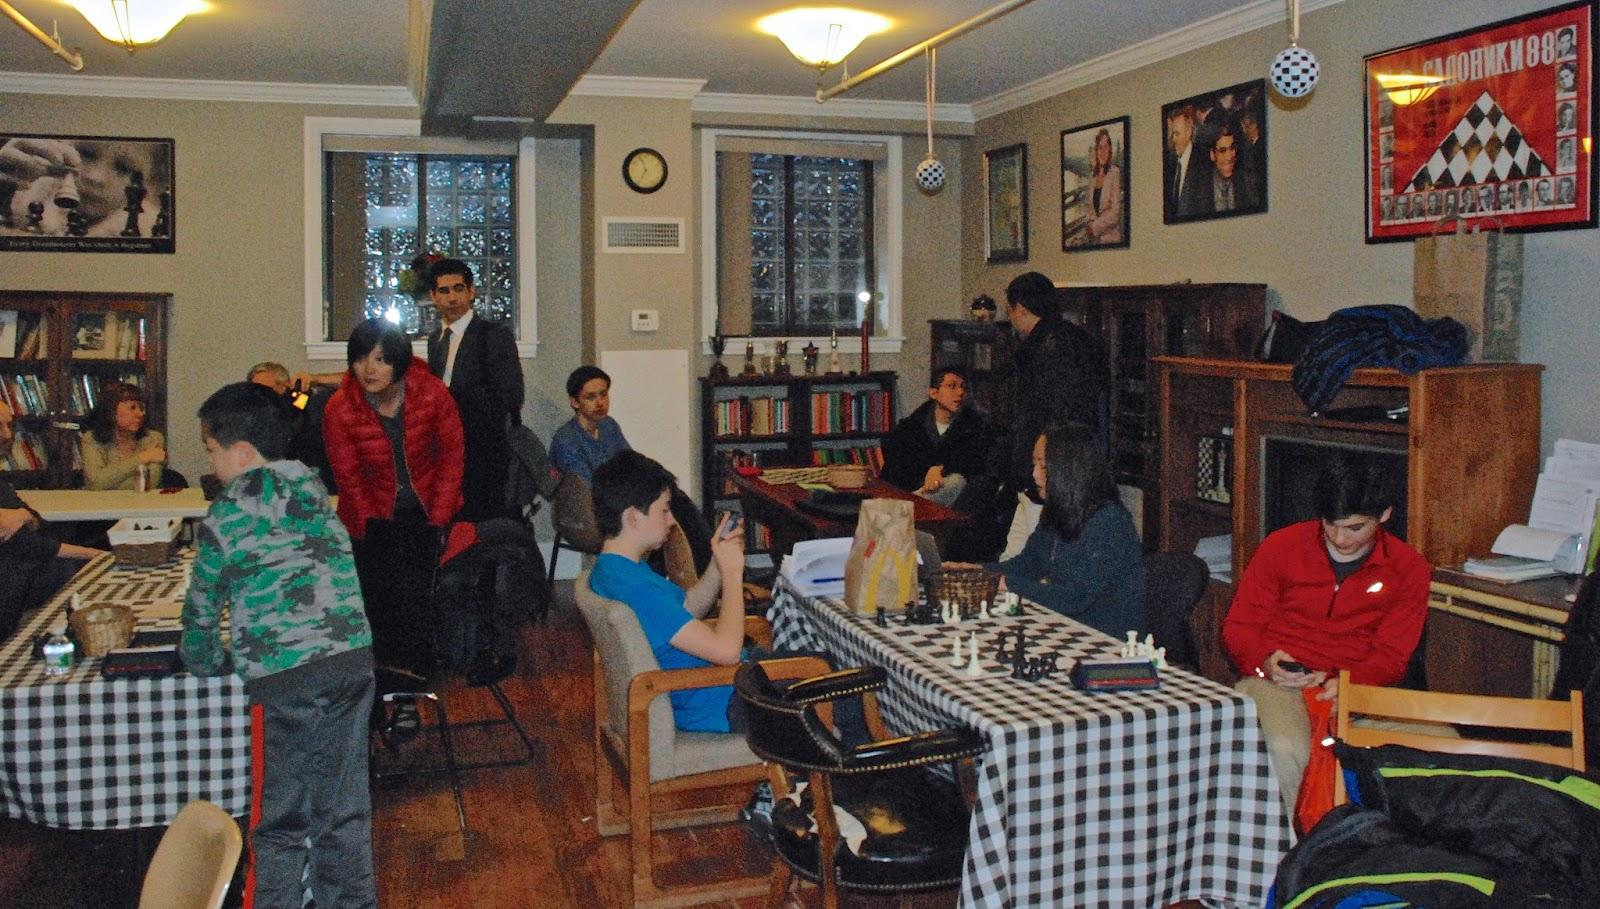 Norris Game Room